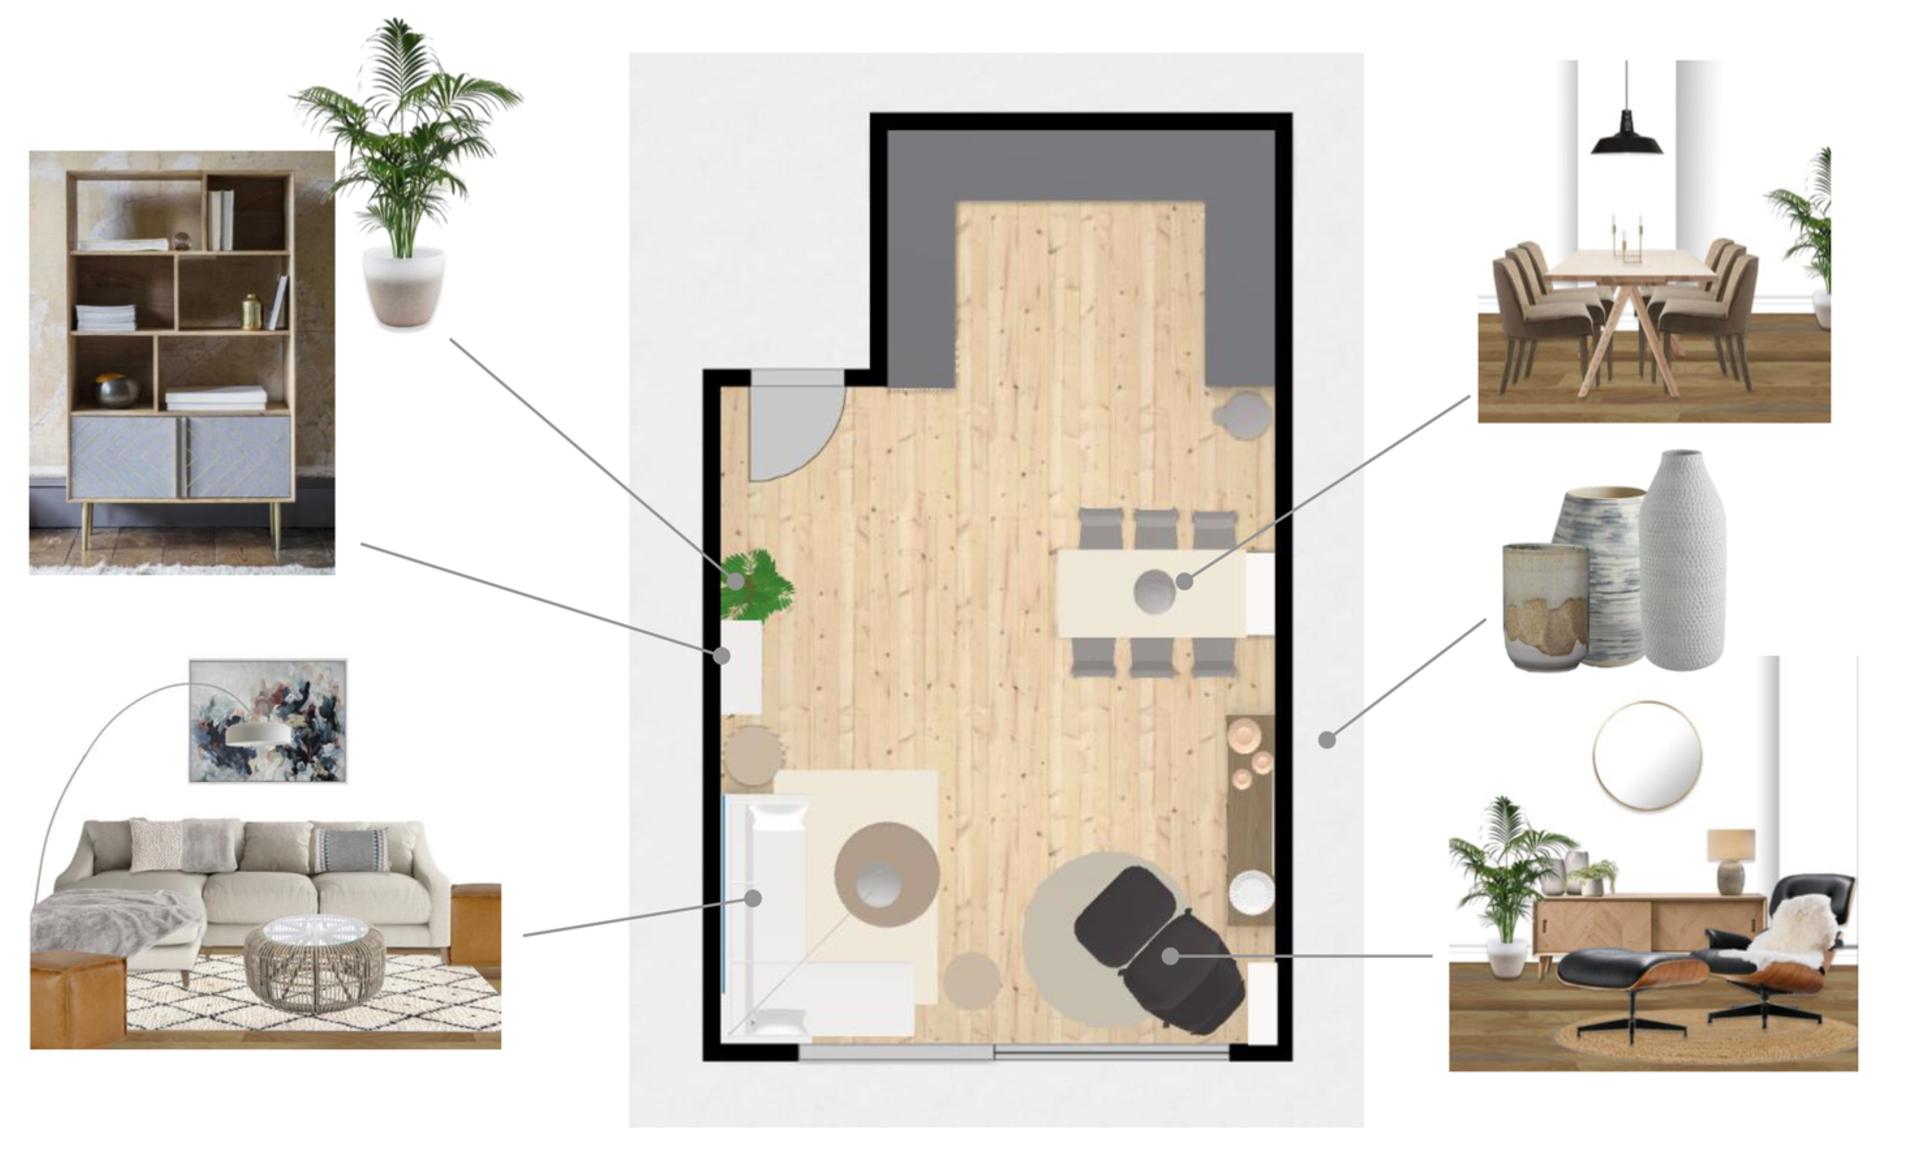 Olivia's op living dining room   final design 3